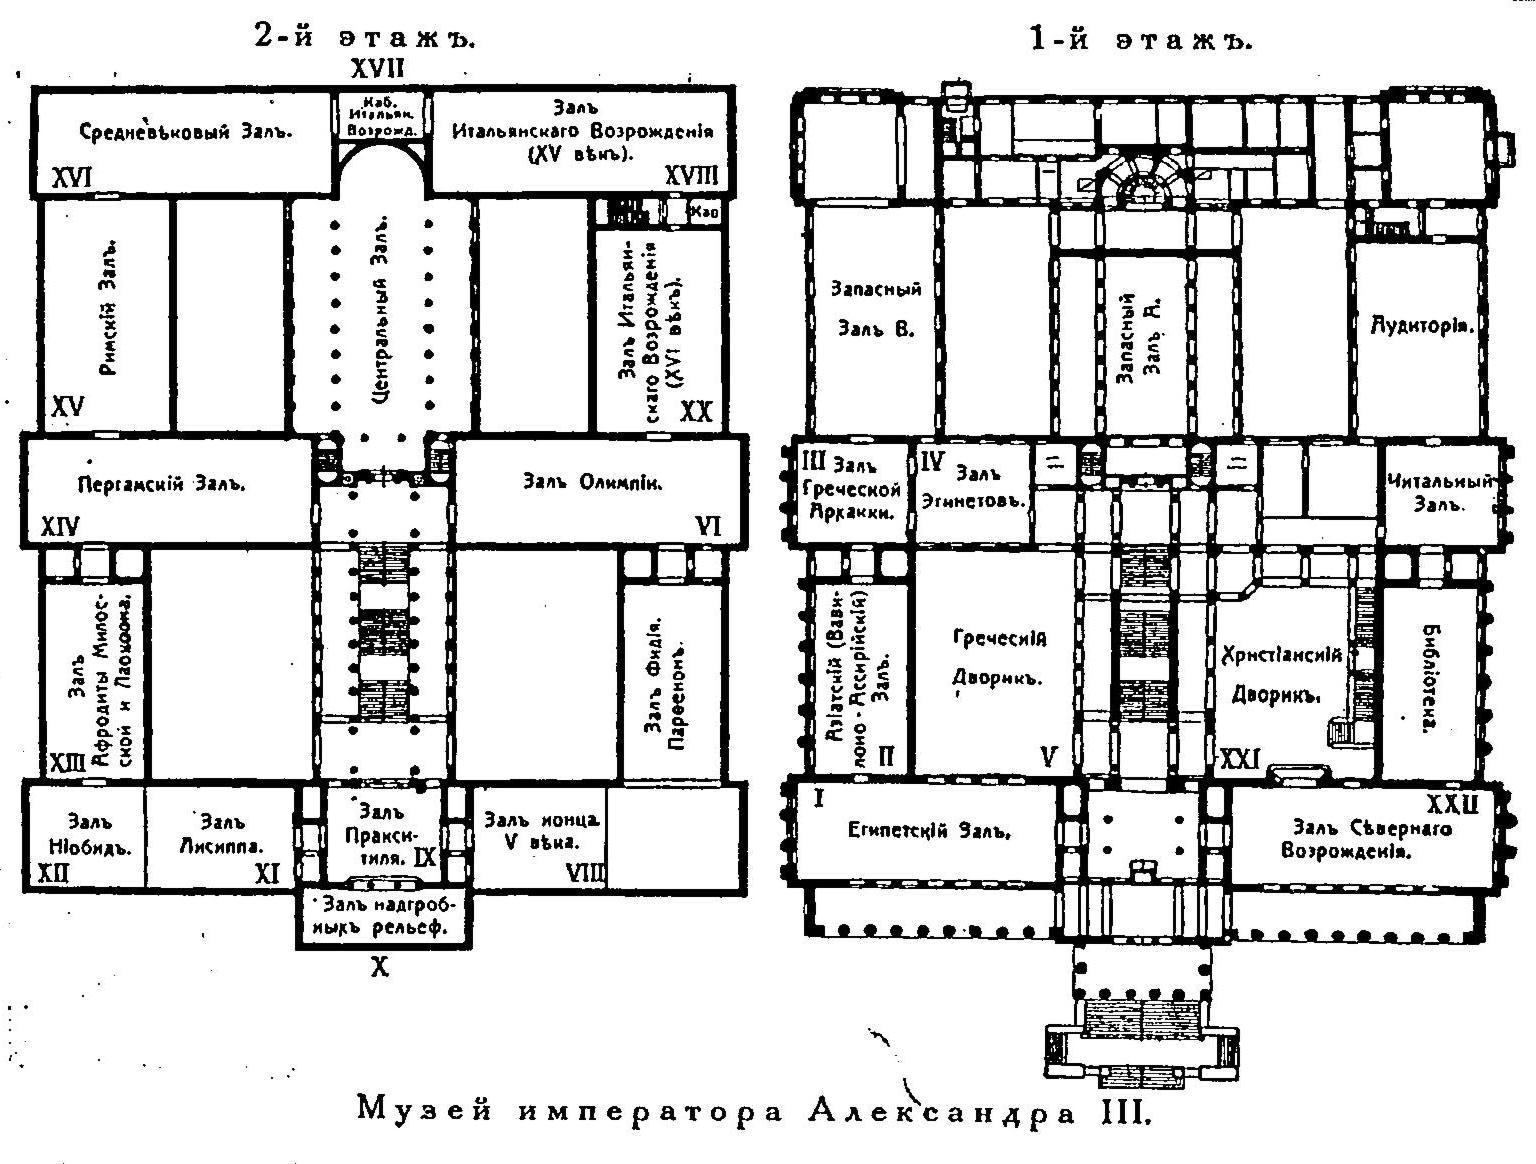 Vatican Floor Plan Museum Floor Plan Www Pixshark Com Images Galleries